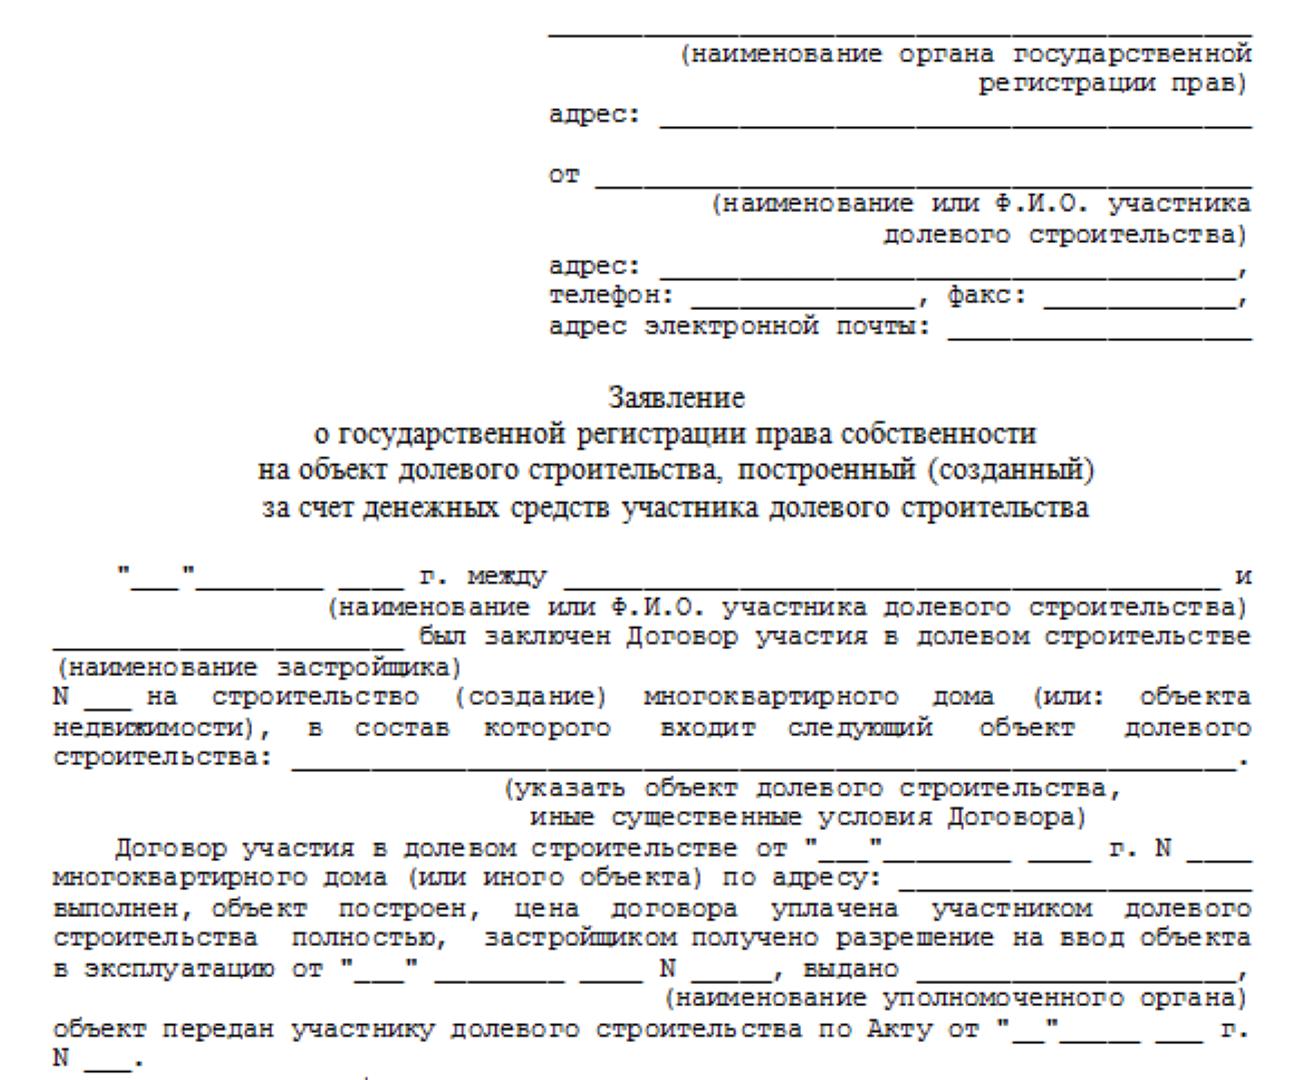 В саратовской области социальная пенсия в 2019г